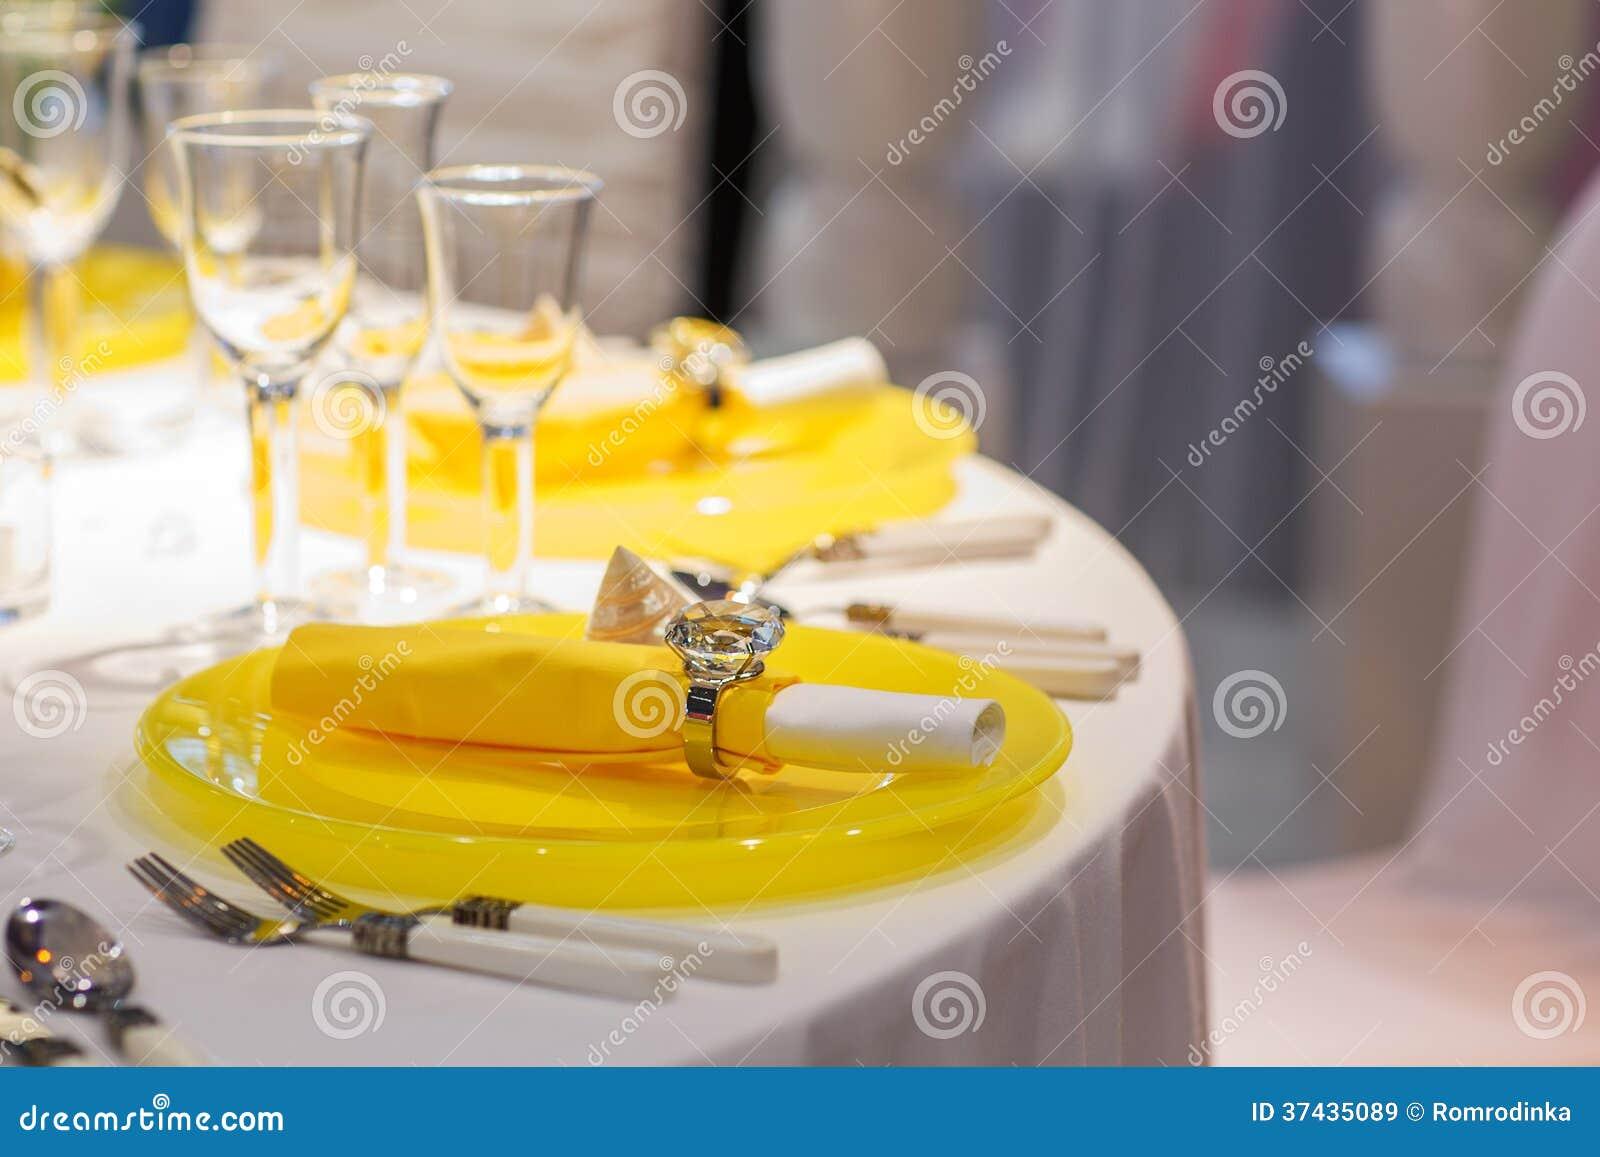 La tabla elegante fijó en nata suave y amarillo para casarse o el evento